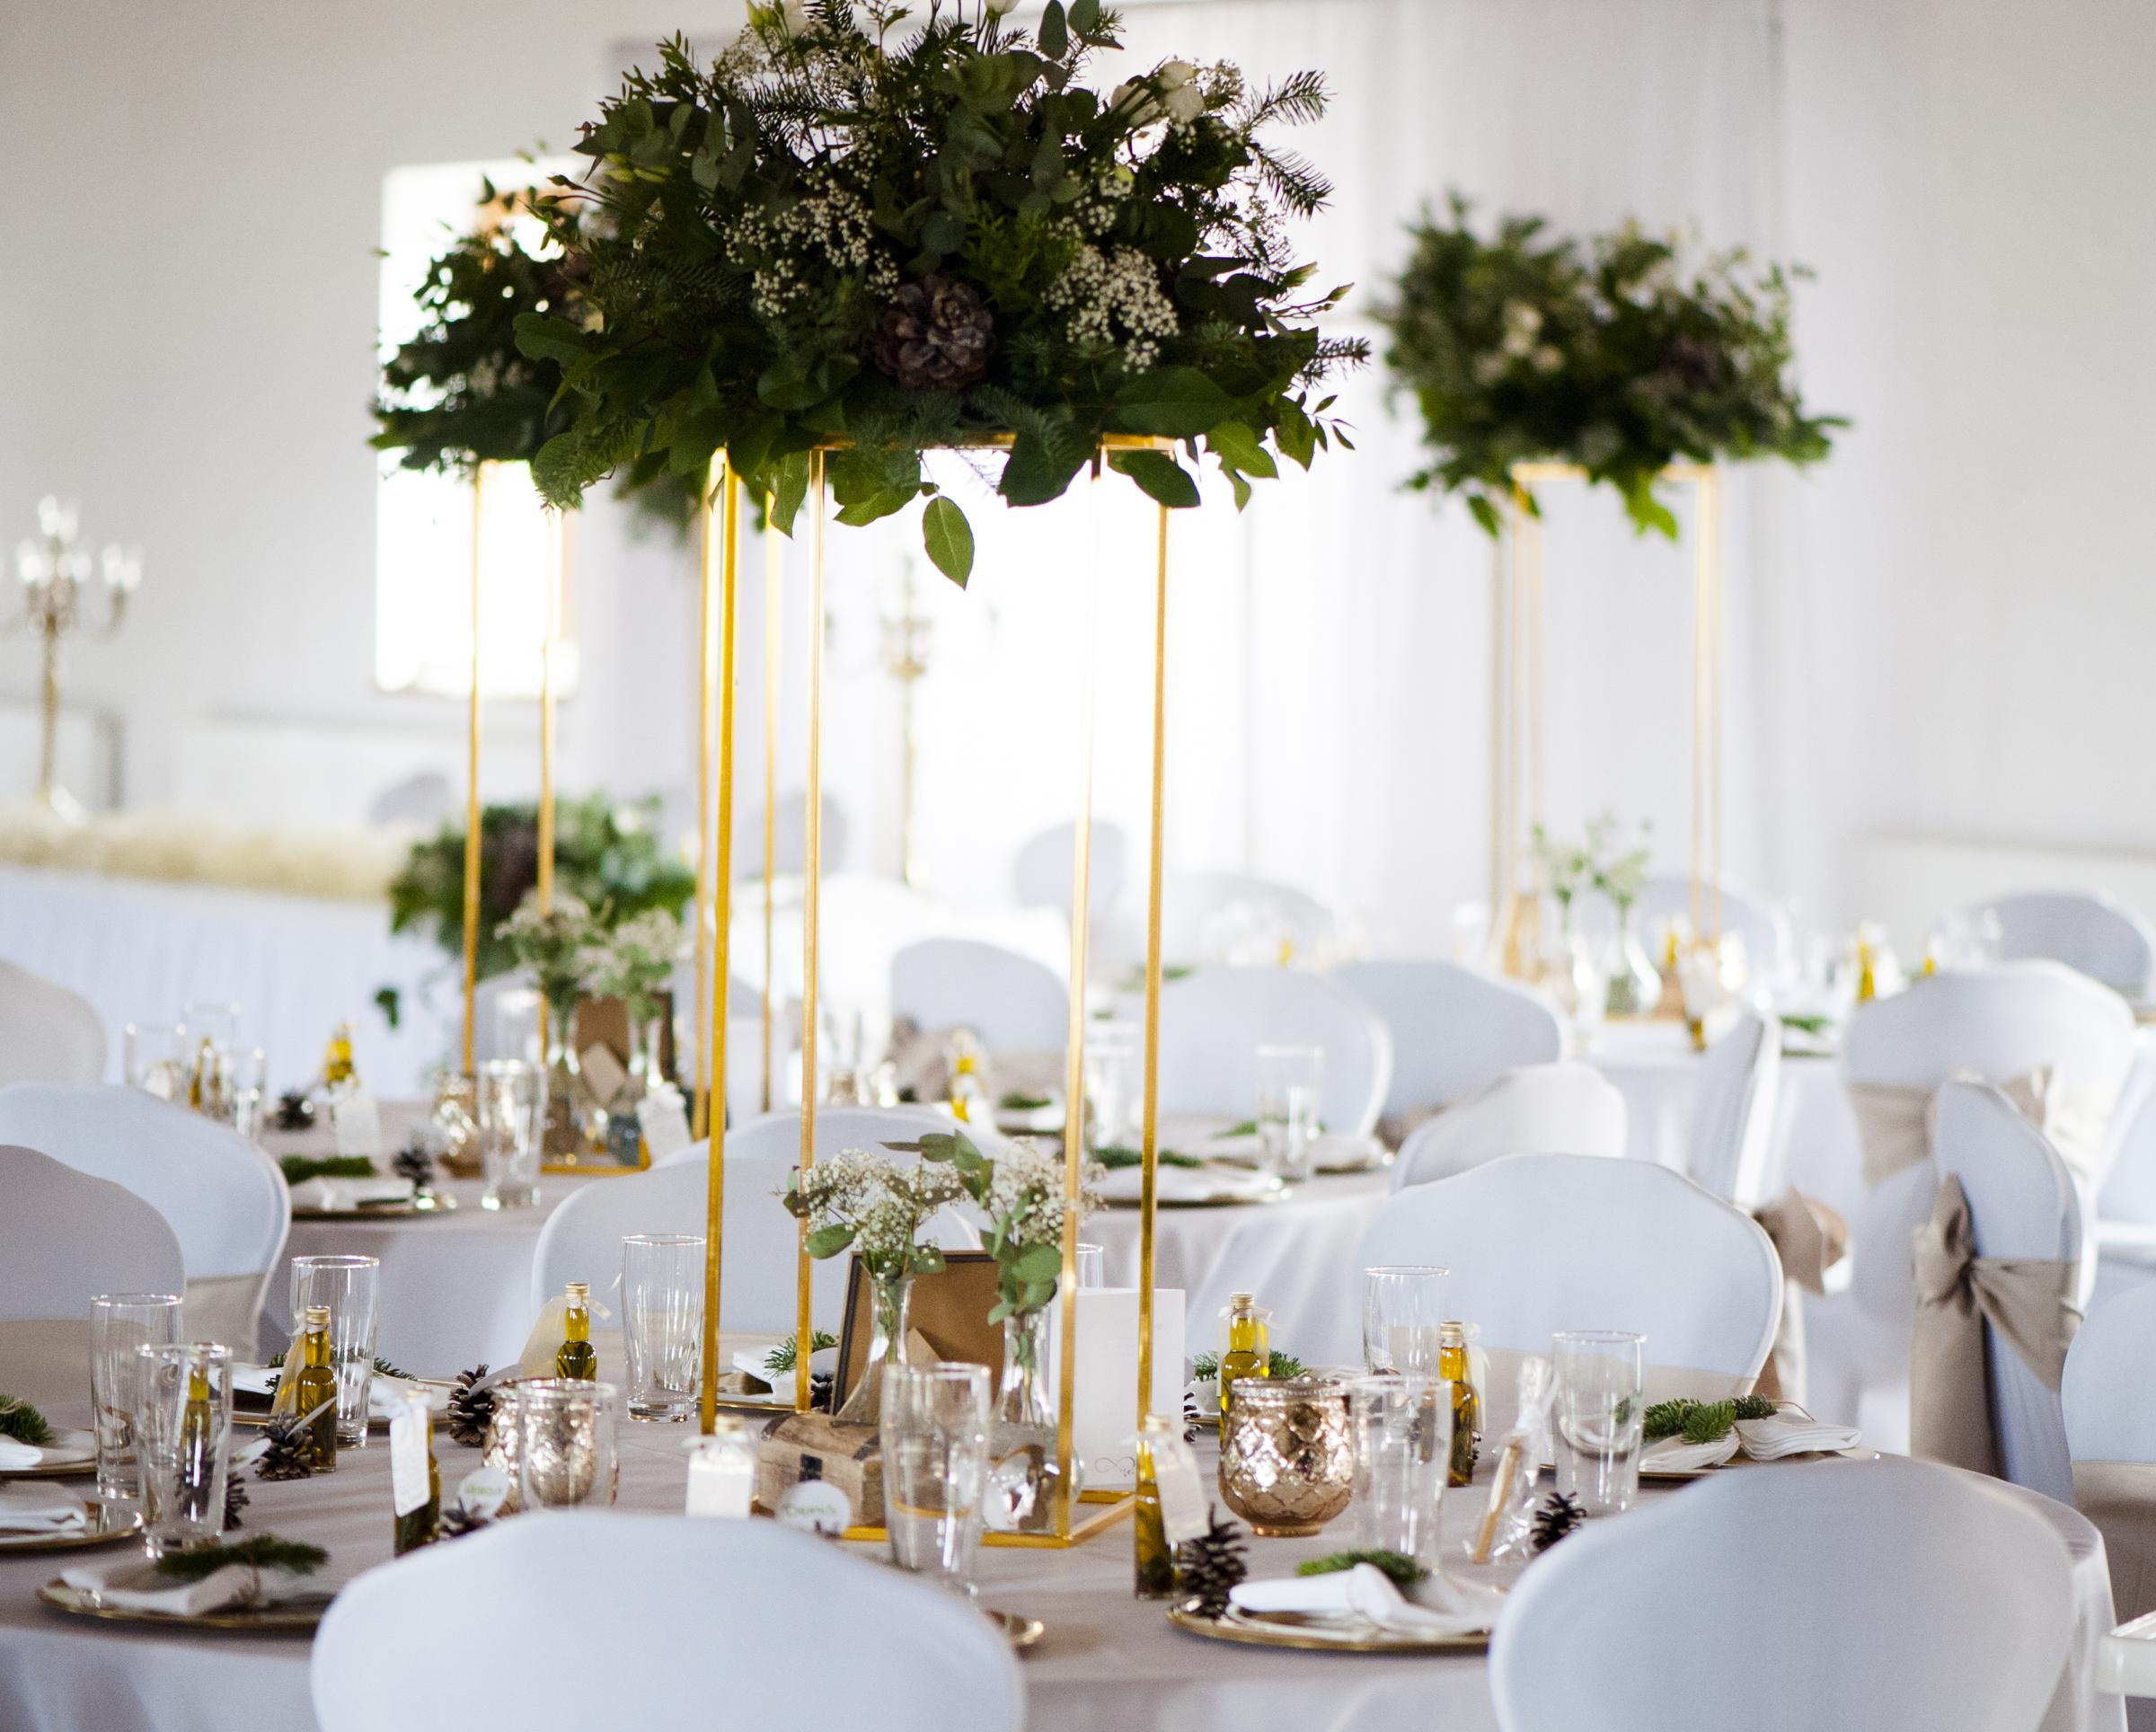 Dekoration für die Hochzeit - Stuhlhussen, Gästetische, Tischdecke..,